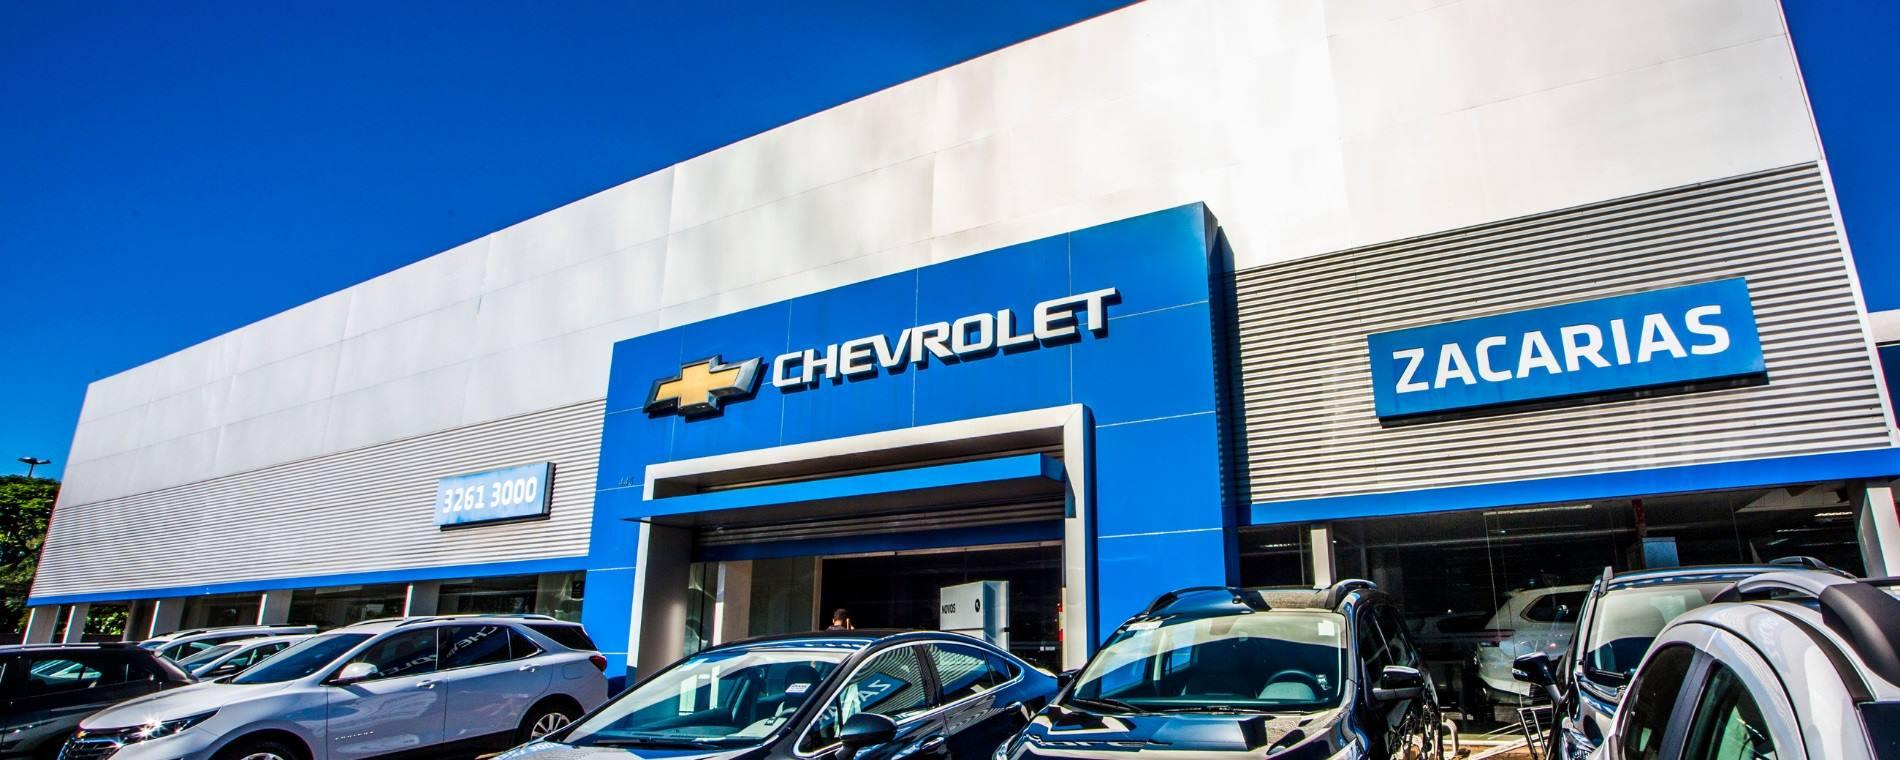 Venda e ofertas de carros novos e seminovos na concessionária Chevrolet Zacarias. Peças genuínas GM, acessórios automotivos originais e serviços de manutenção e revisão de veículos.